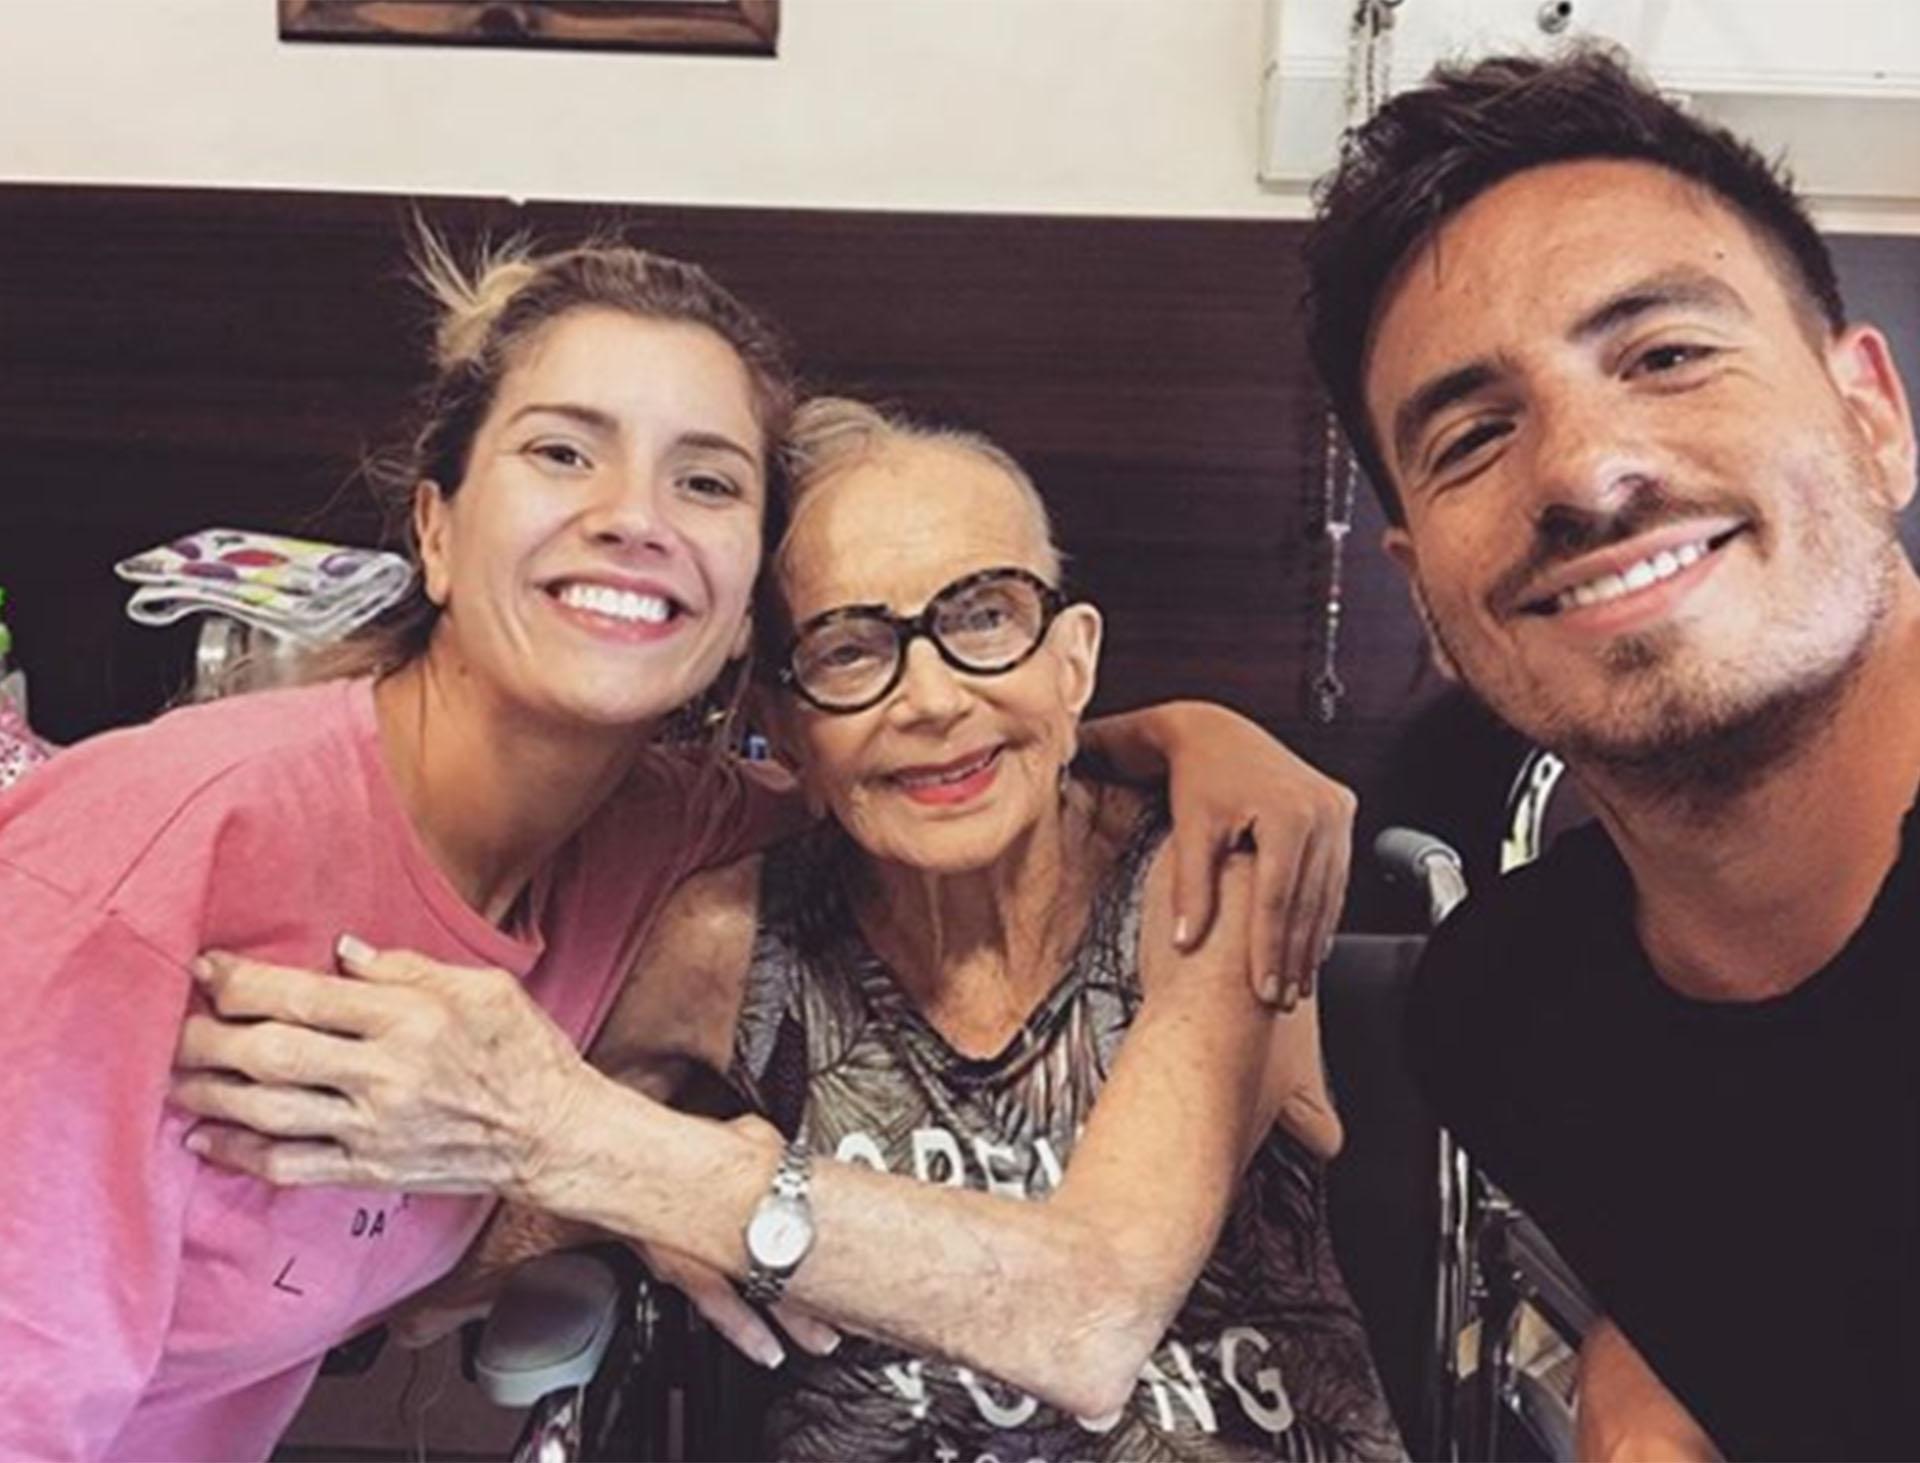 Una de las últimas fotos de Ana: el día que conoció a Laurita, quien la visitó junto a Fede en el hospital (Foto: Instagram)